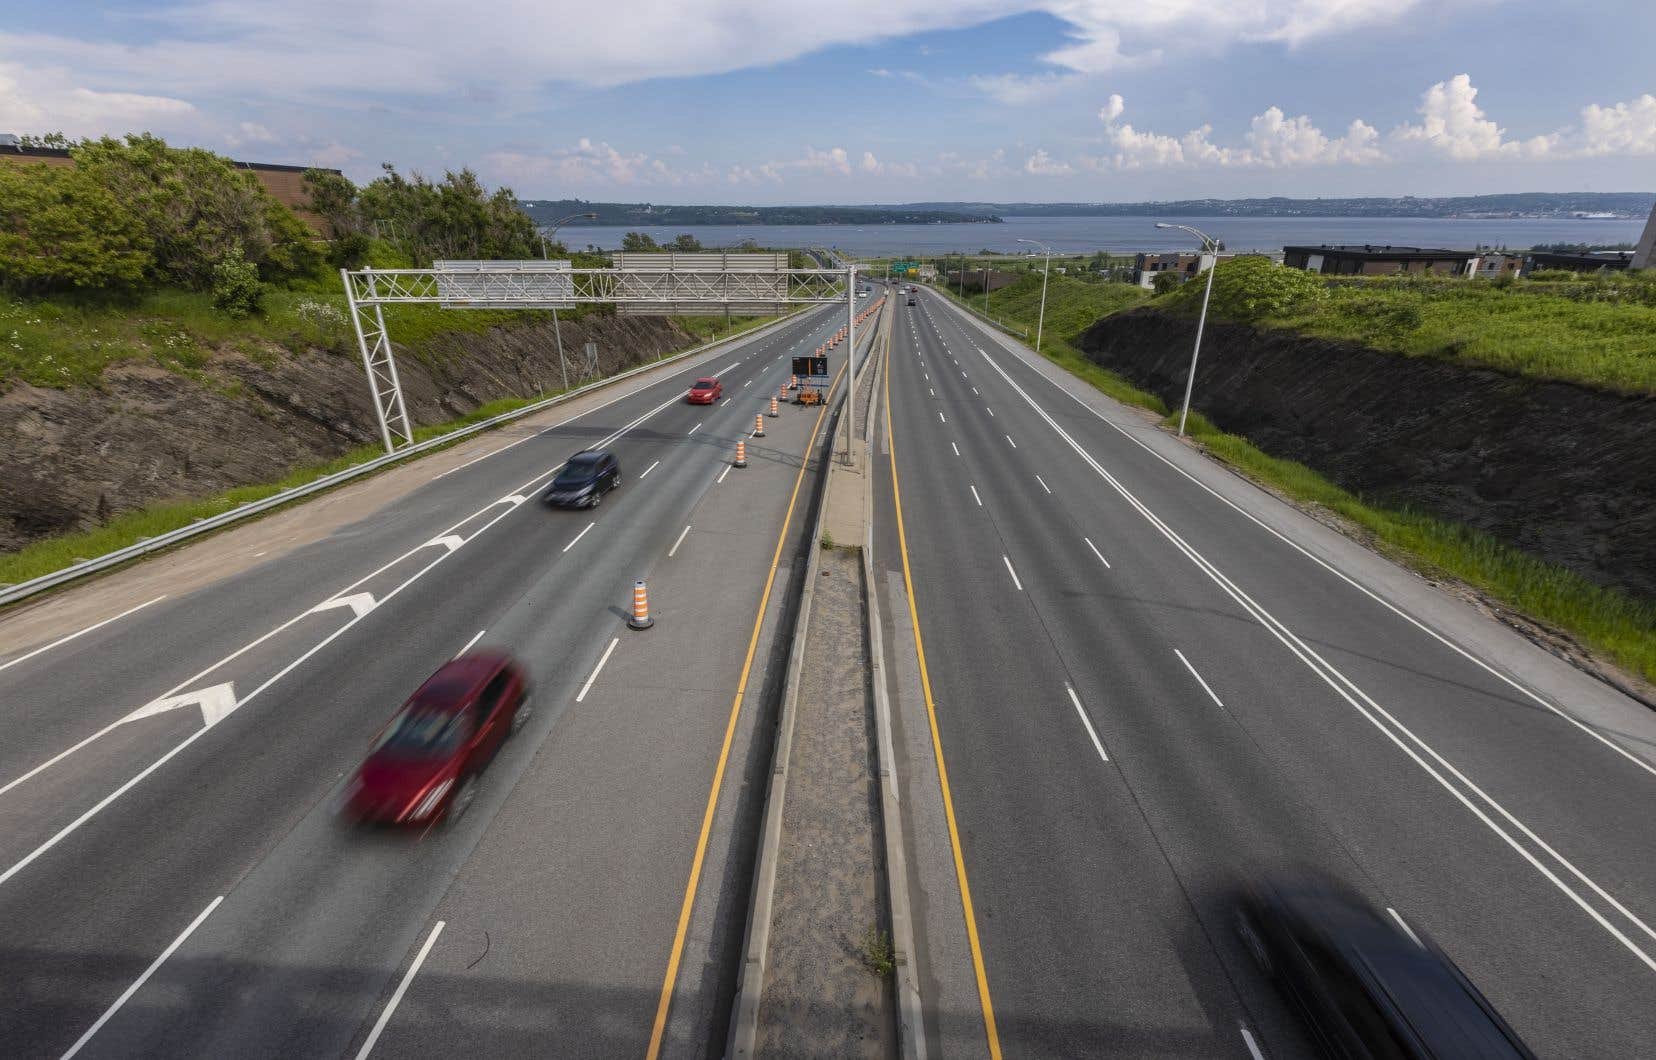 «Ce projet créerait un pôle d'échanges intermodaux qui facilite les déplacements tout en redynamisant les centres urbains des deux municipalités riveraines», écrivent les auteurs.